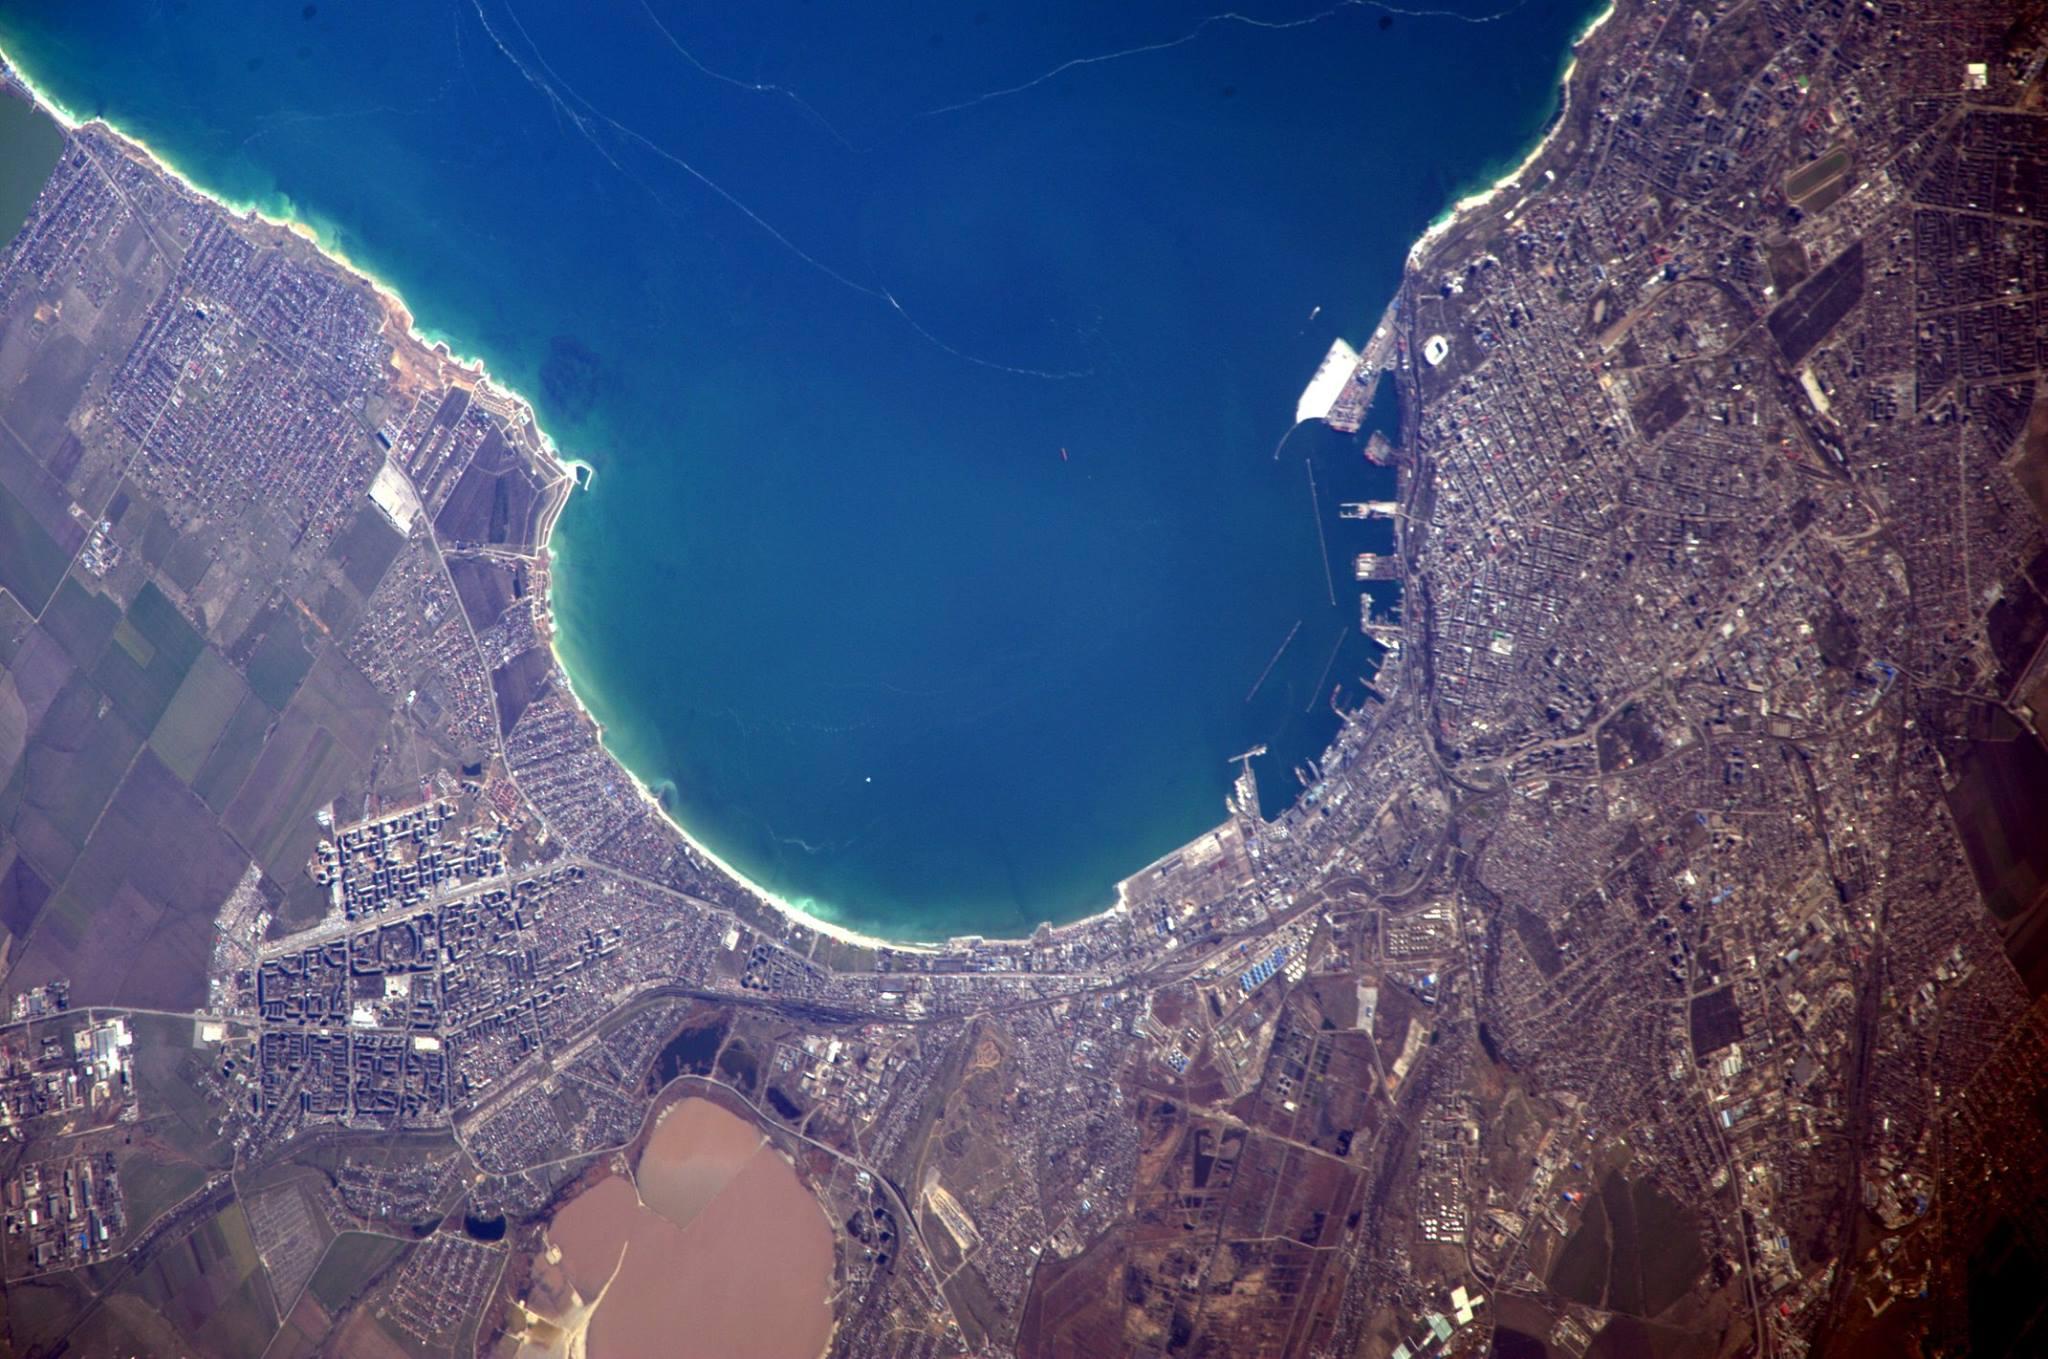 картинки ландшафта европы спутник представляет собой